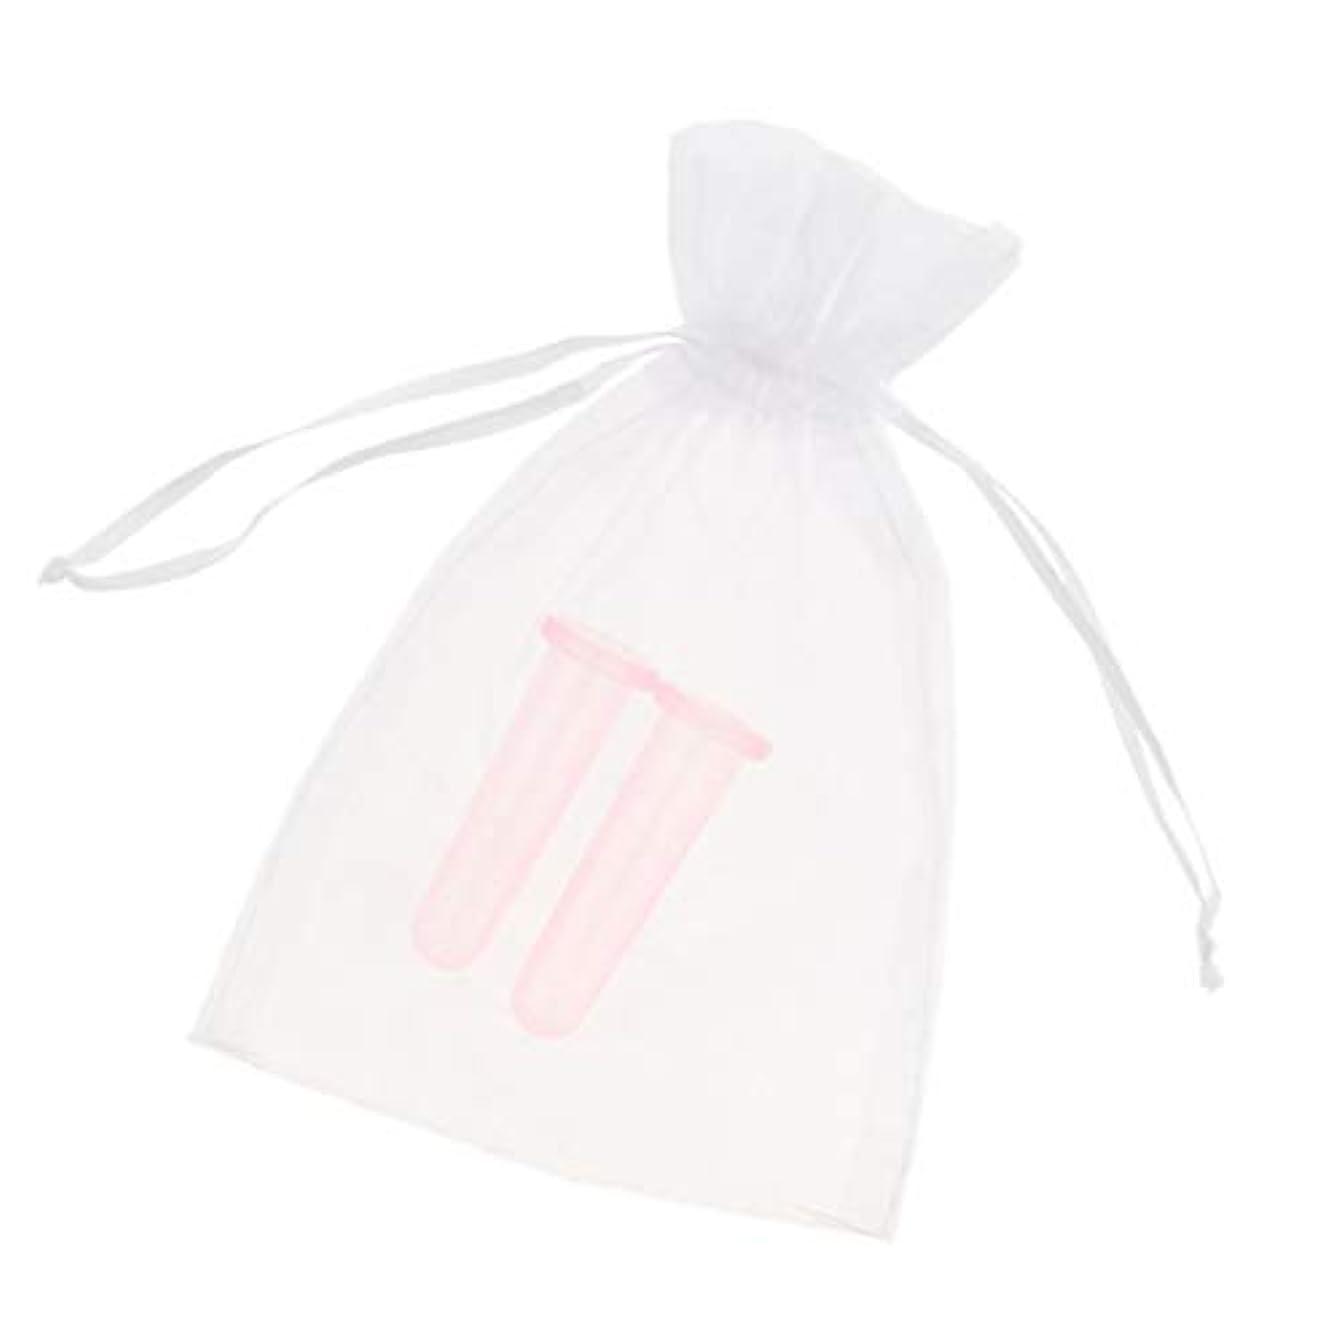 下品ポゴスティックジャンプ命題F Fityle 全2色 シリコーン製 真空 顔用マッサージ カッピング 吸い玉カップ カッピング 収納ポーチ付き 2個 - ピンク